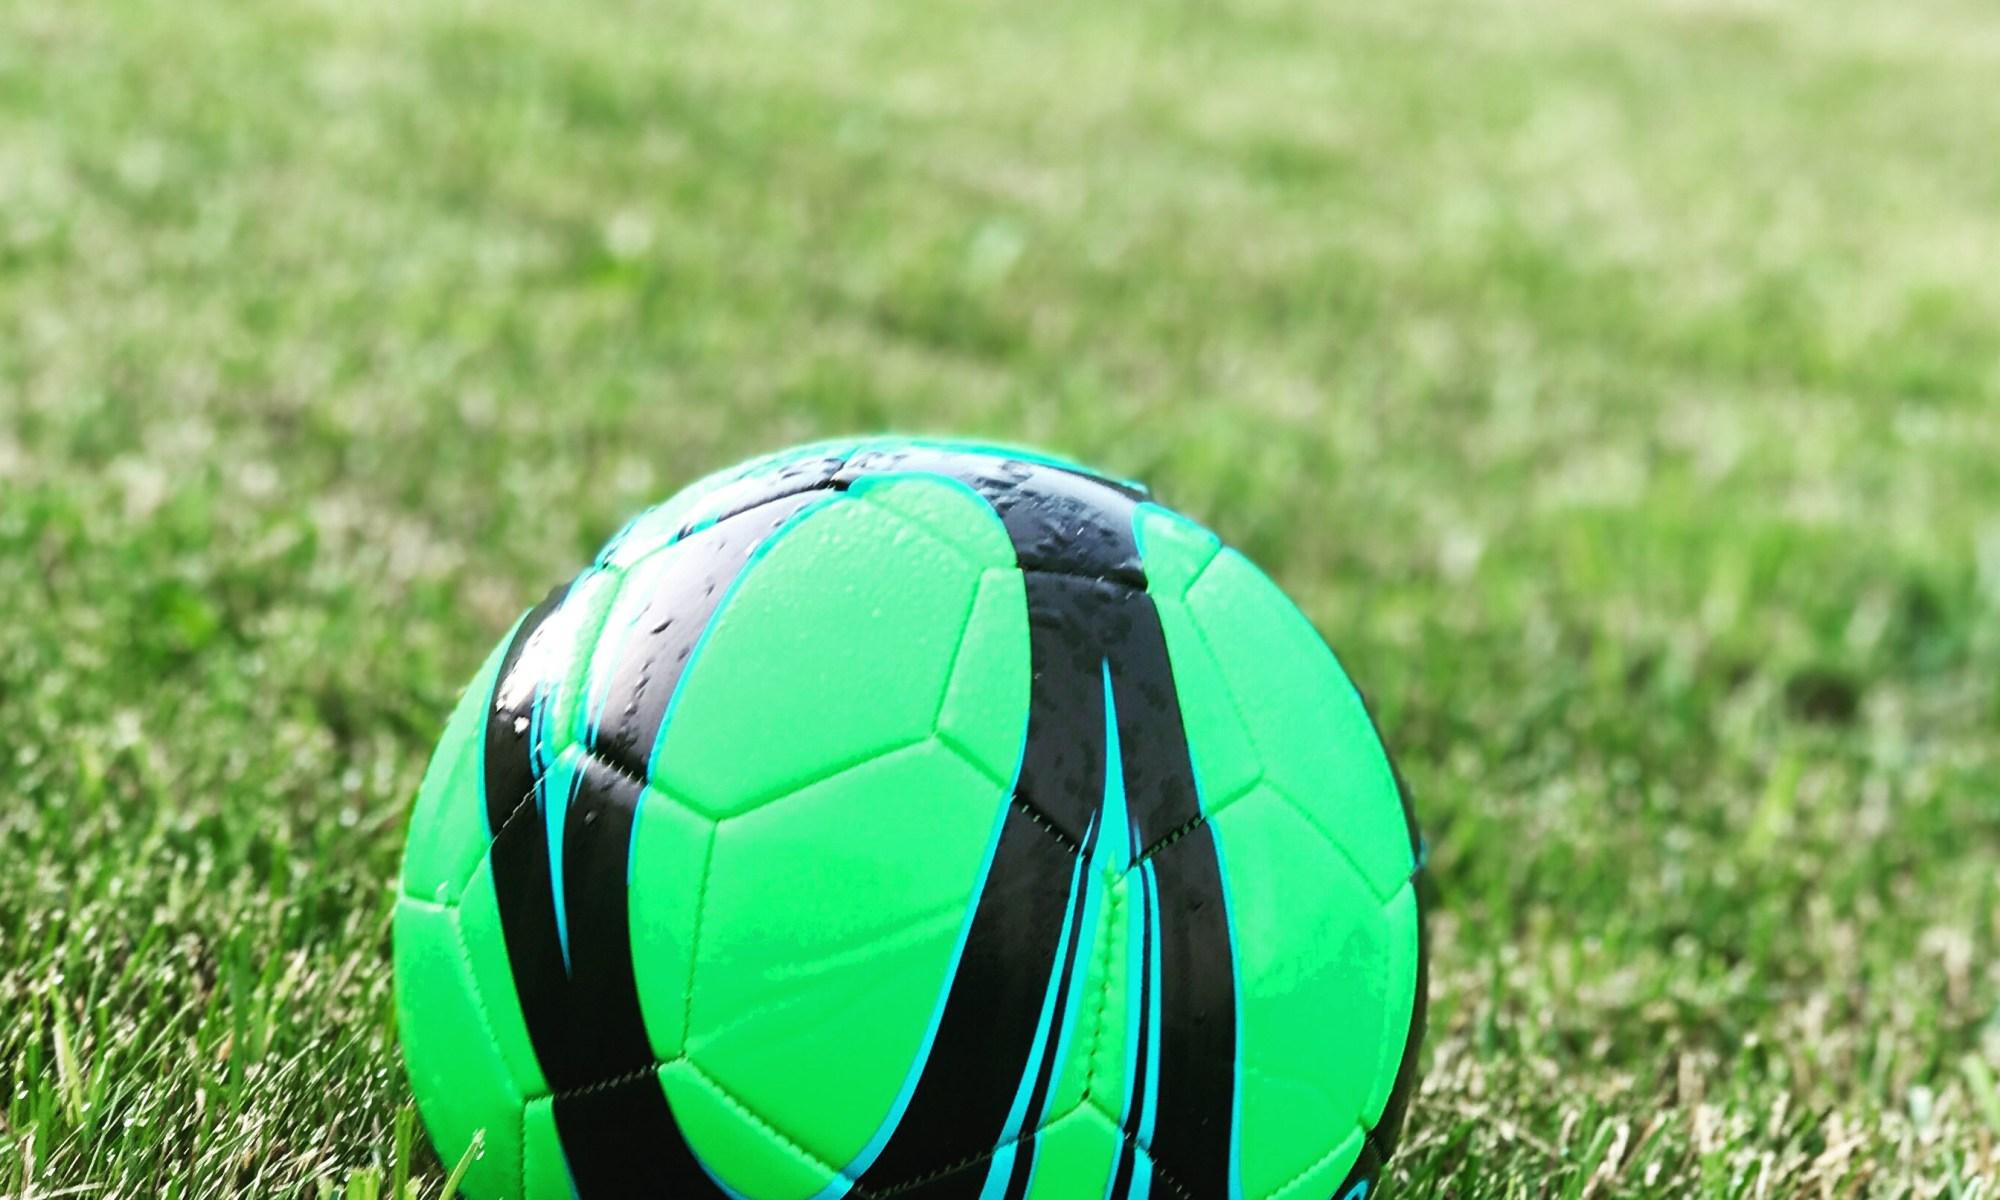 soccer ball photo john ashworth